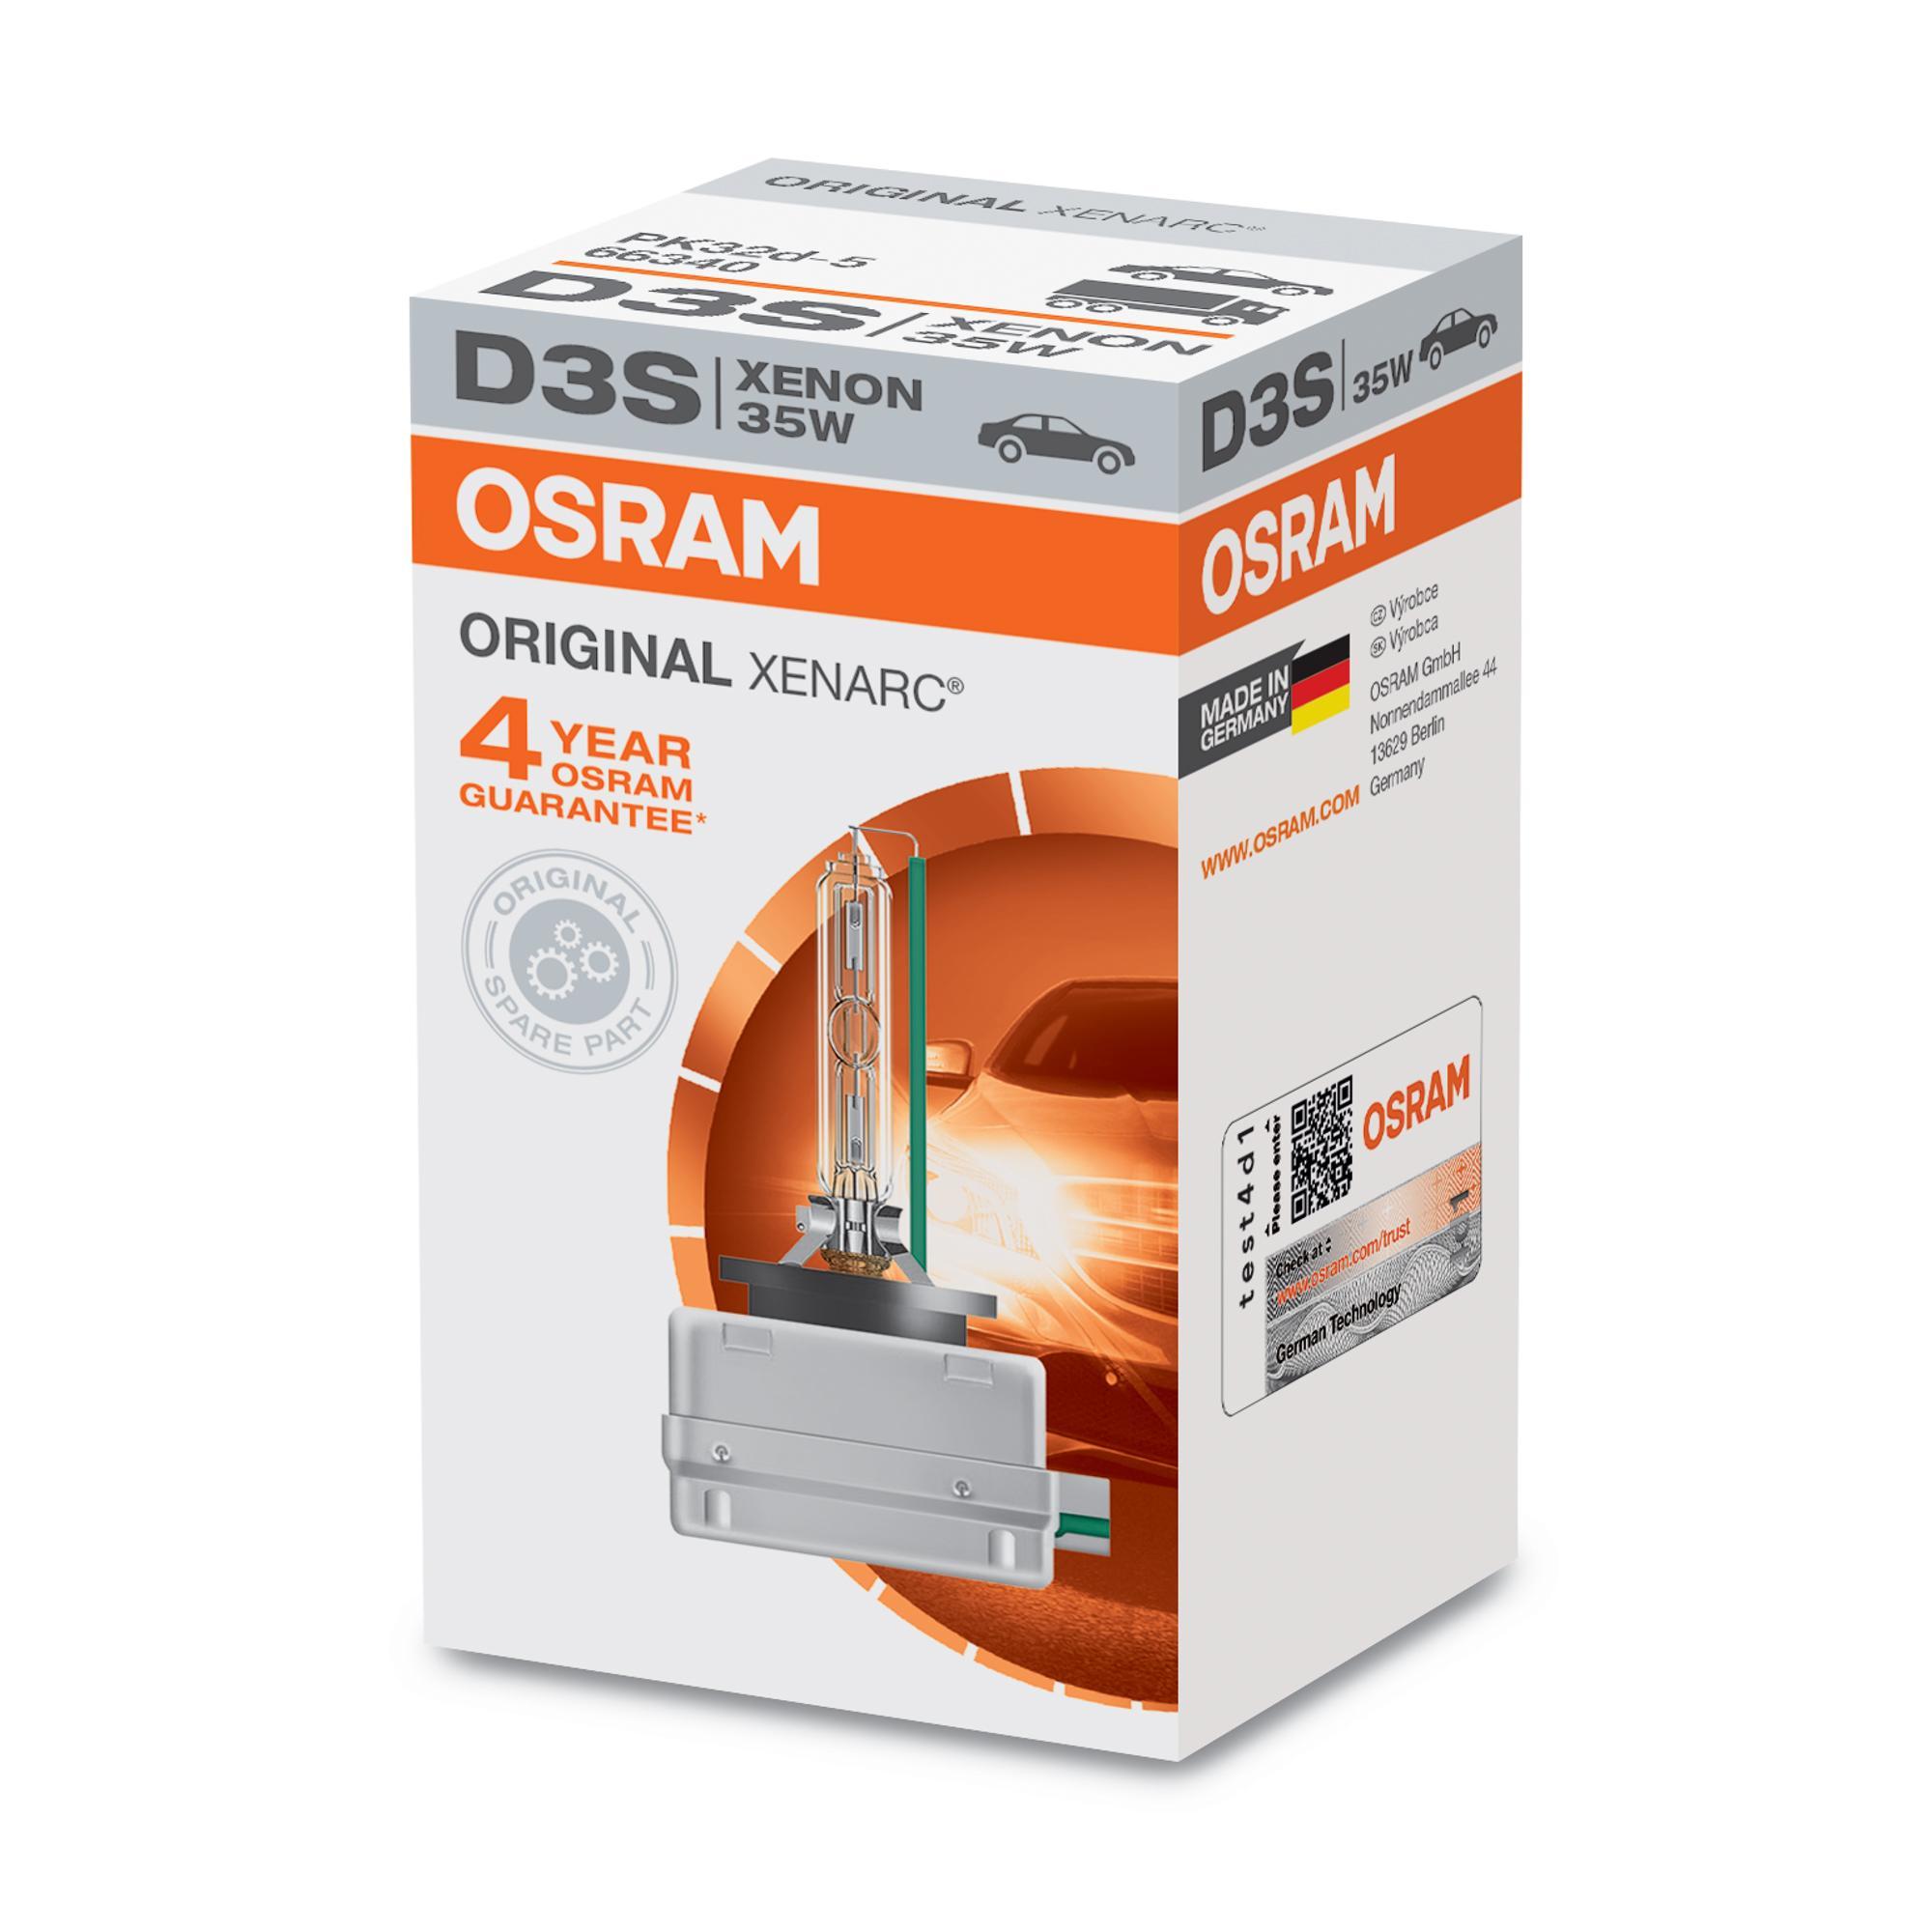 Λυχνία προβολέα πορείας 66340 OSRAM — μόνο καινούργια ανταλλακτικά